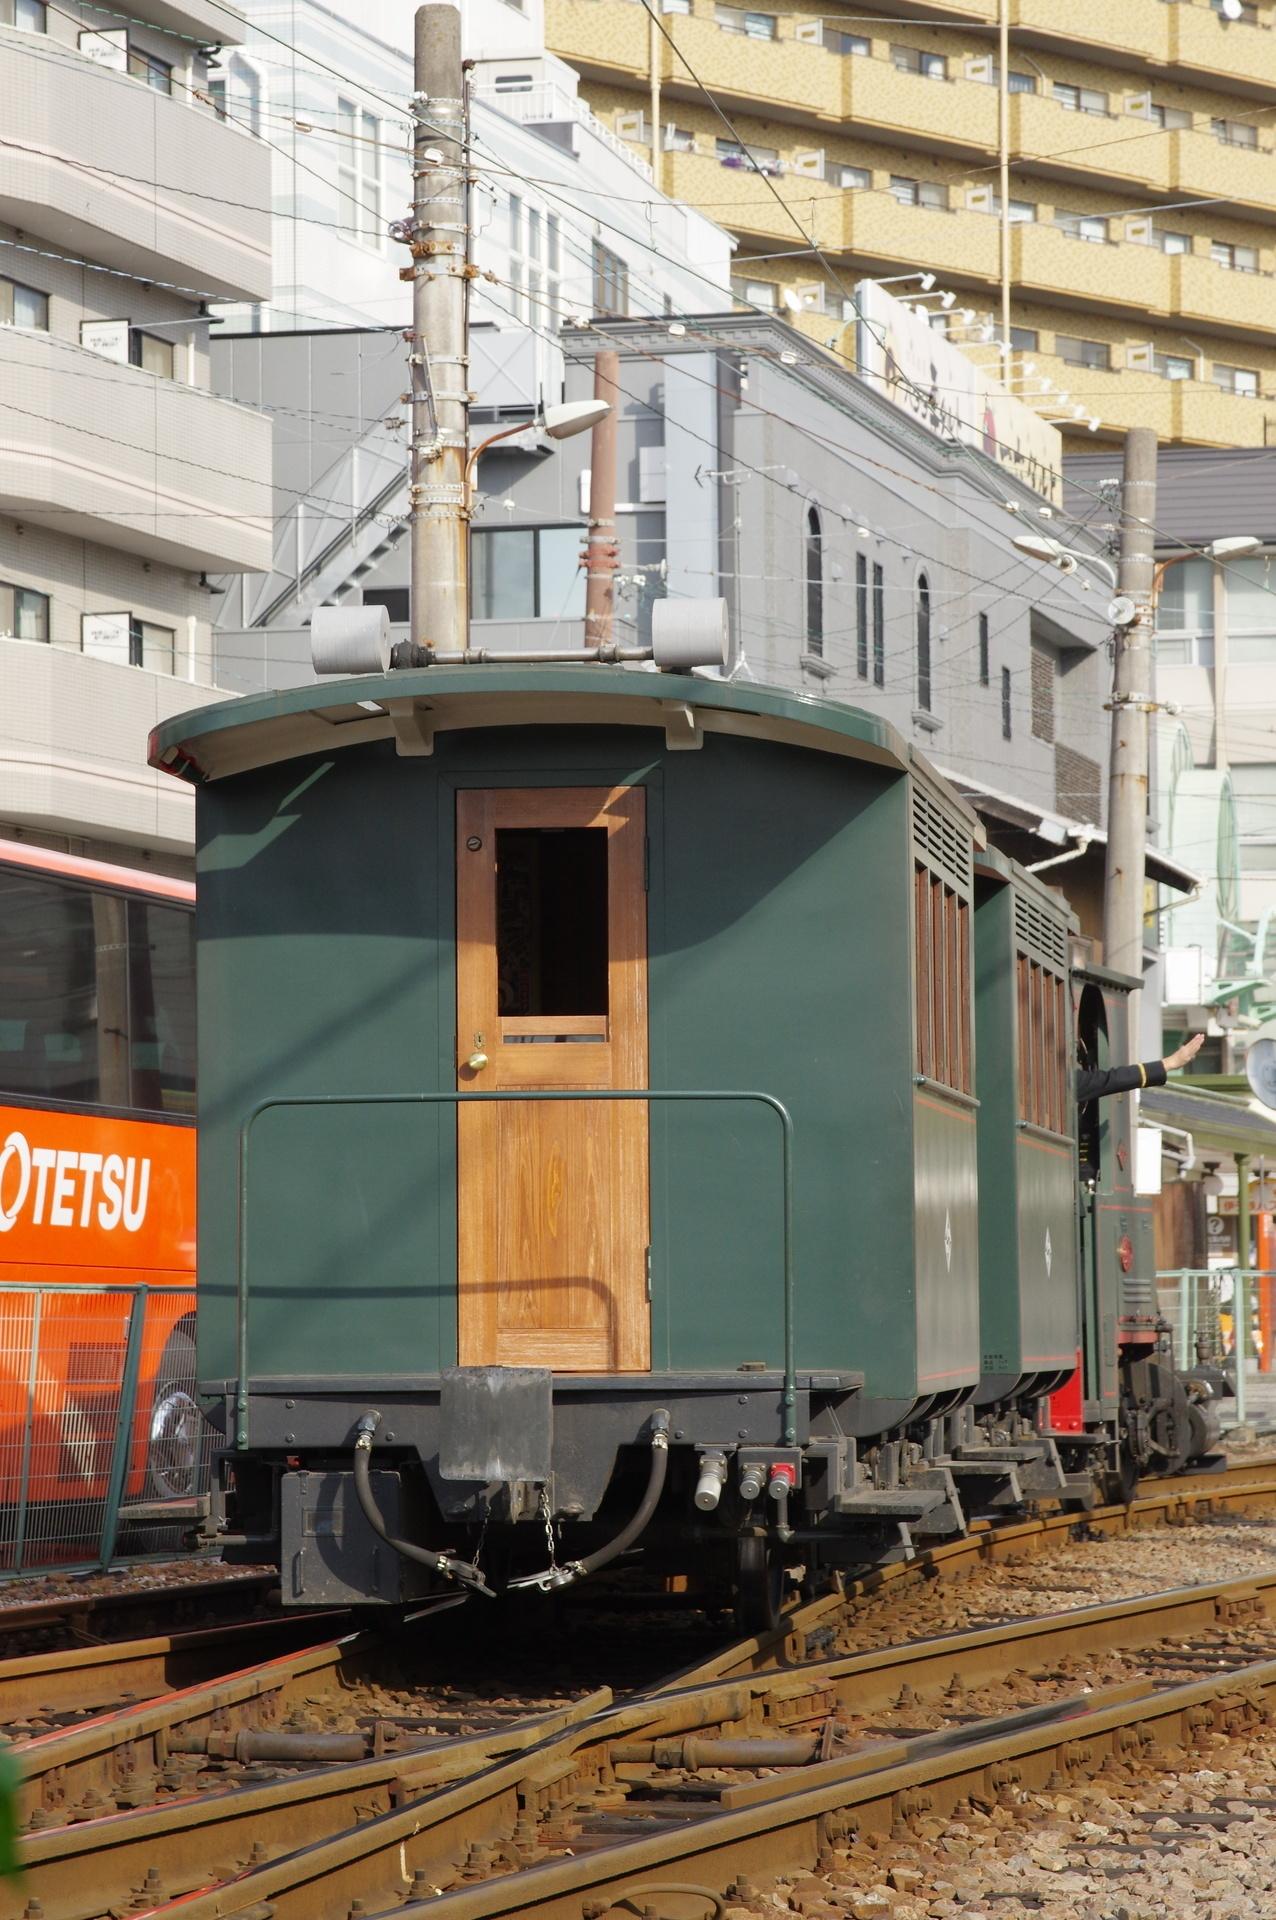 展示線に入る坊ちゃん列車(後追い撮影)